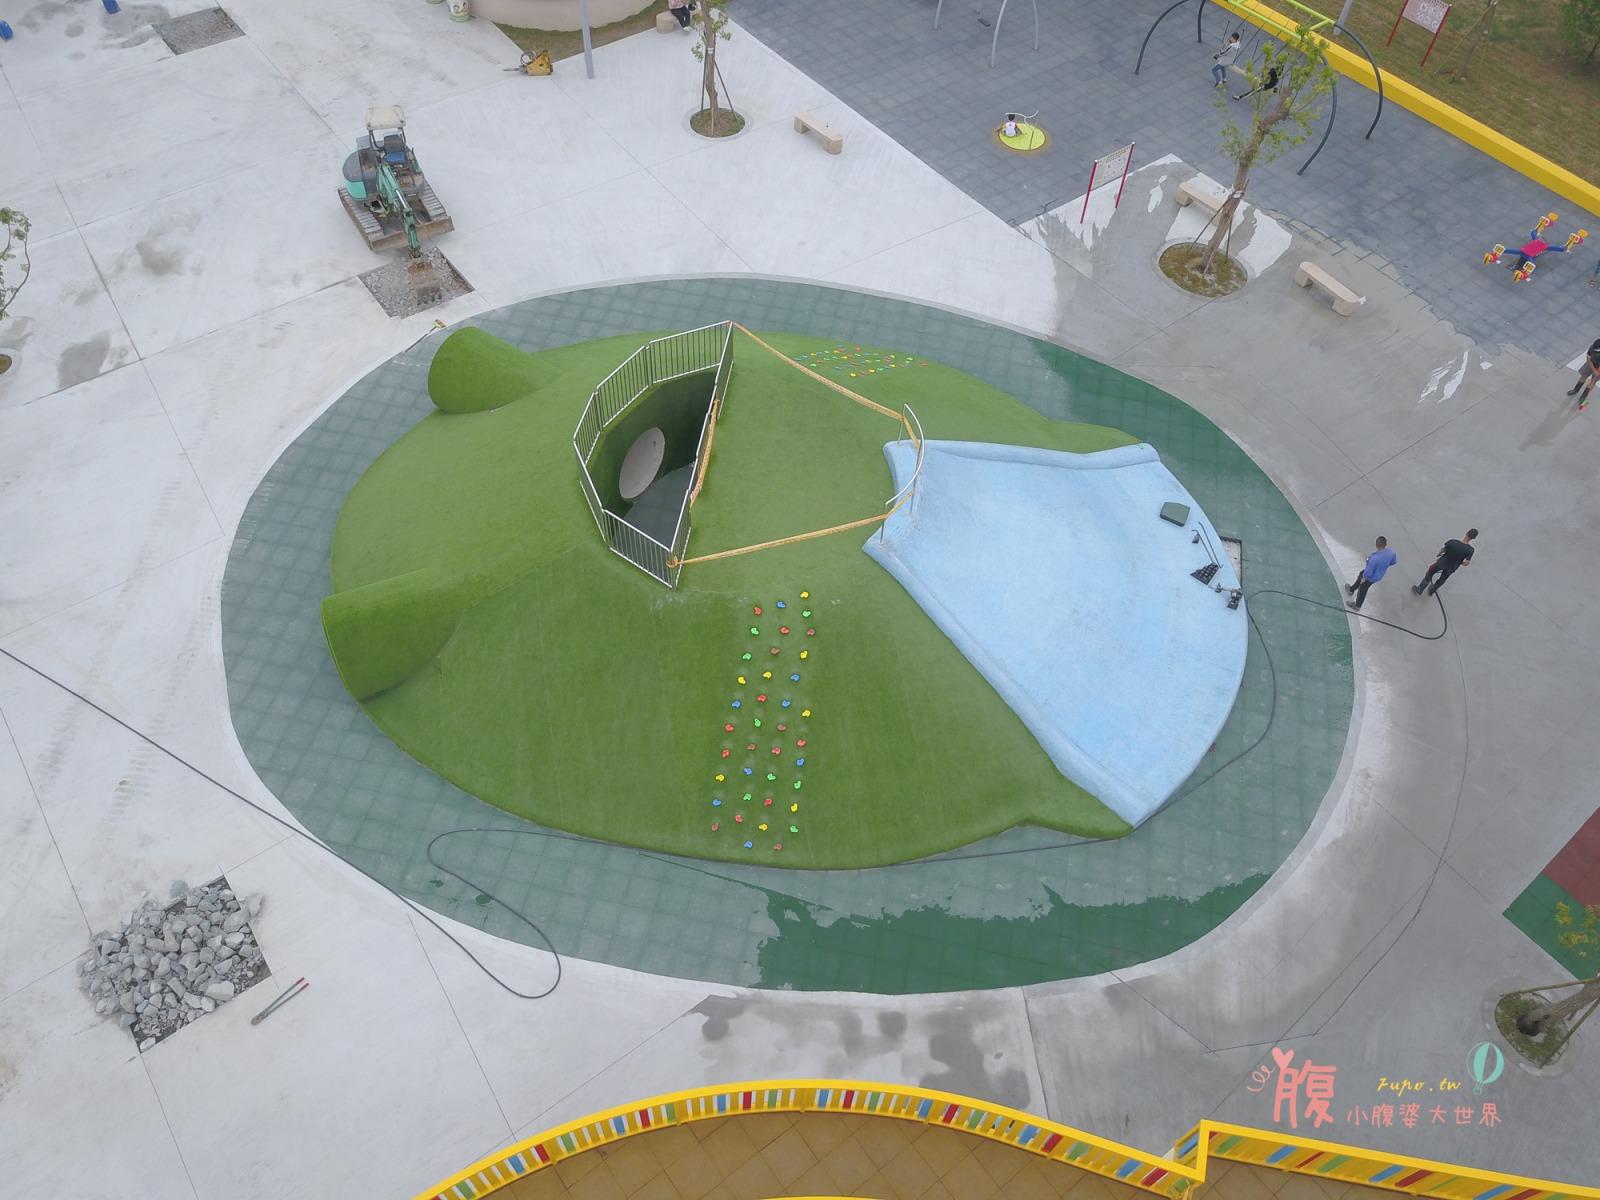 苗栗苑裡景點》灣麗親子公園,第一座在地農業主題特色公園!樹屋遊戲區.斗笠攀爬網.天空隧道.戲沙區,放風小孩的新景點